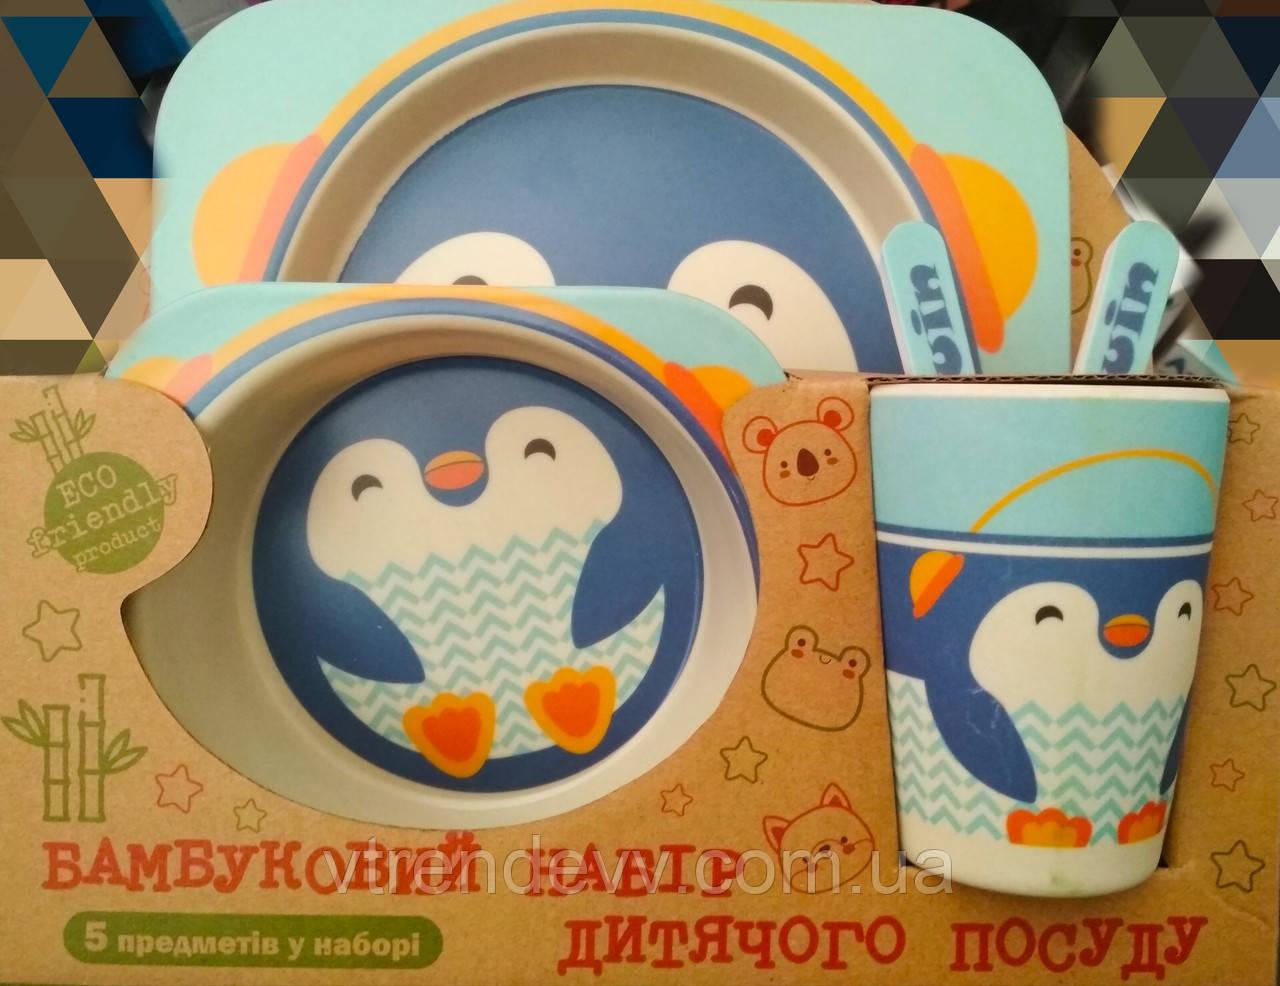 Набор детской посуды из бамбука Bamboo Fibre kids set Пингвин 5 в 1